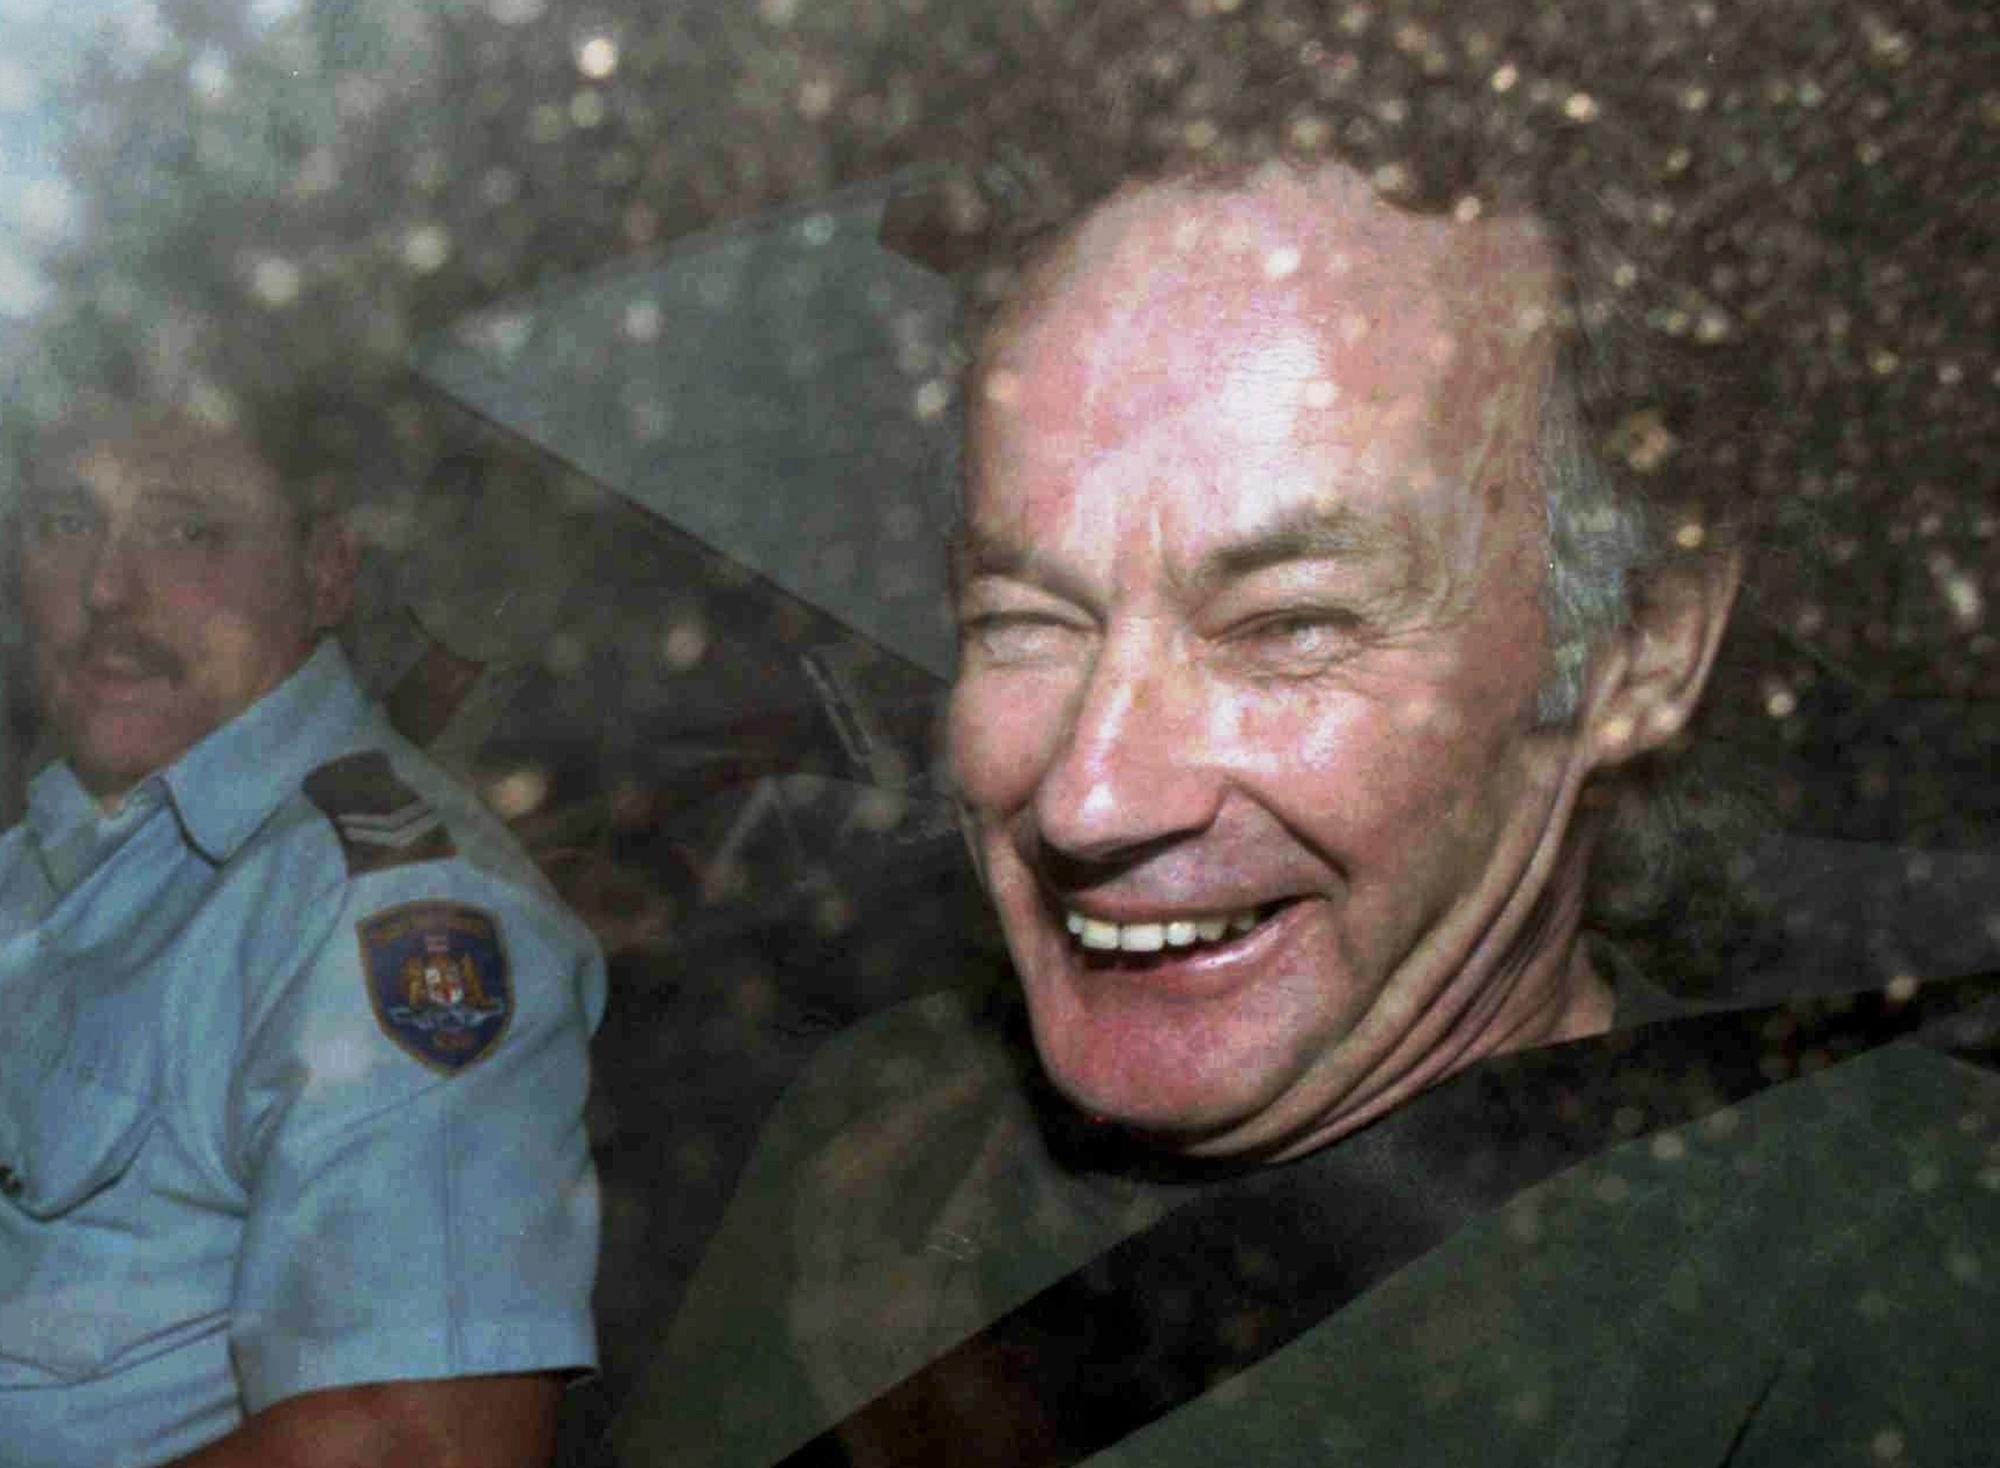 Ivan Milat, who killed backpackers, dies in Australia prison